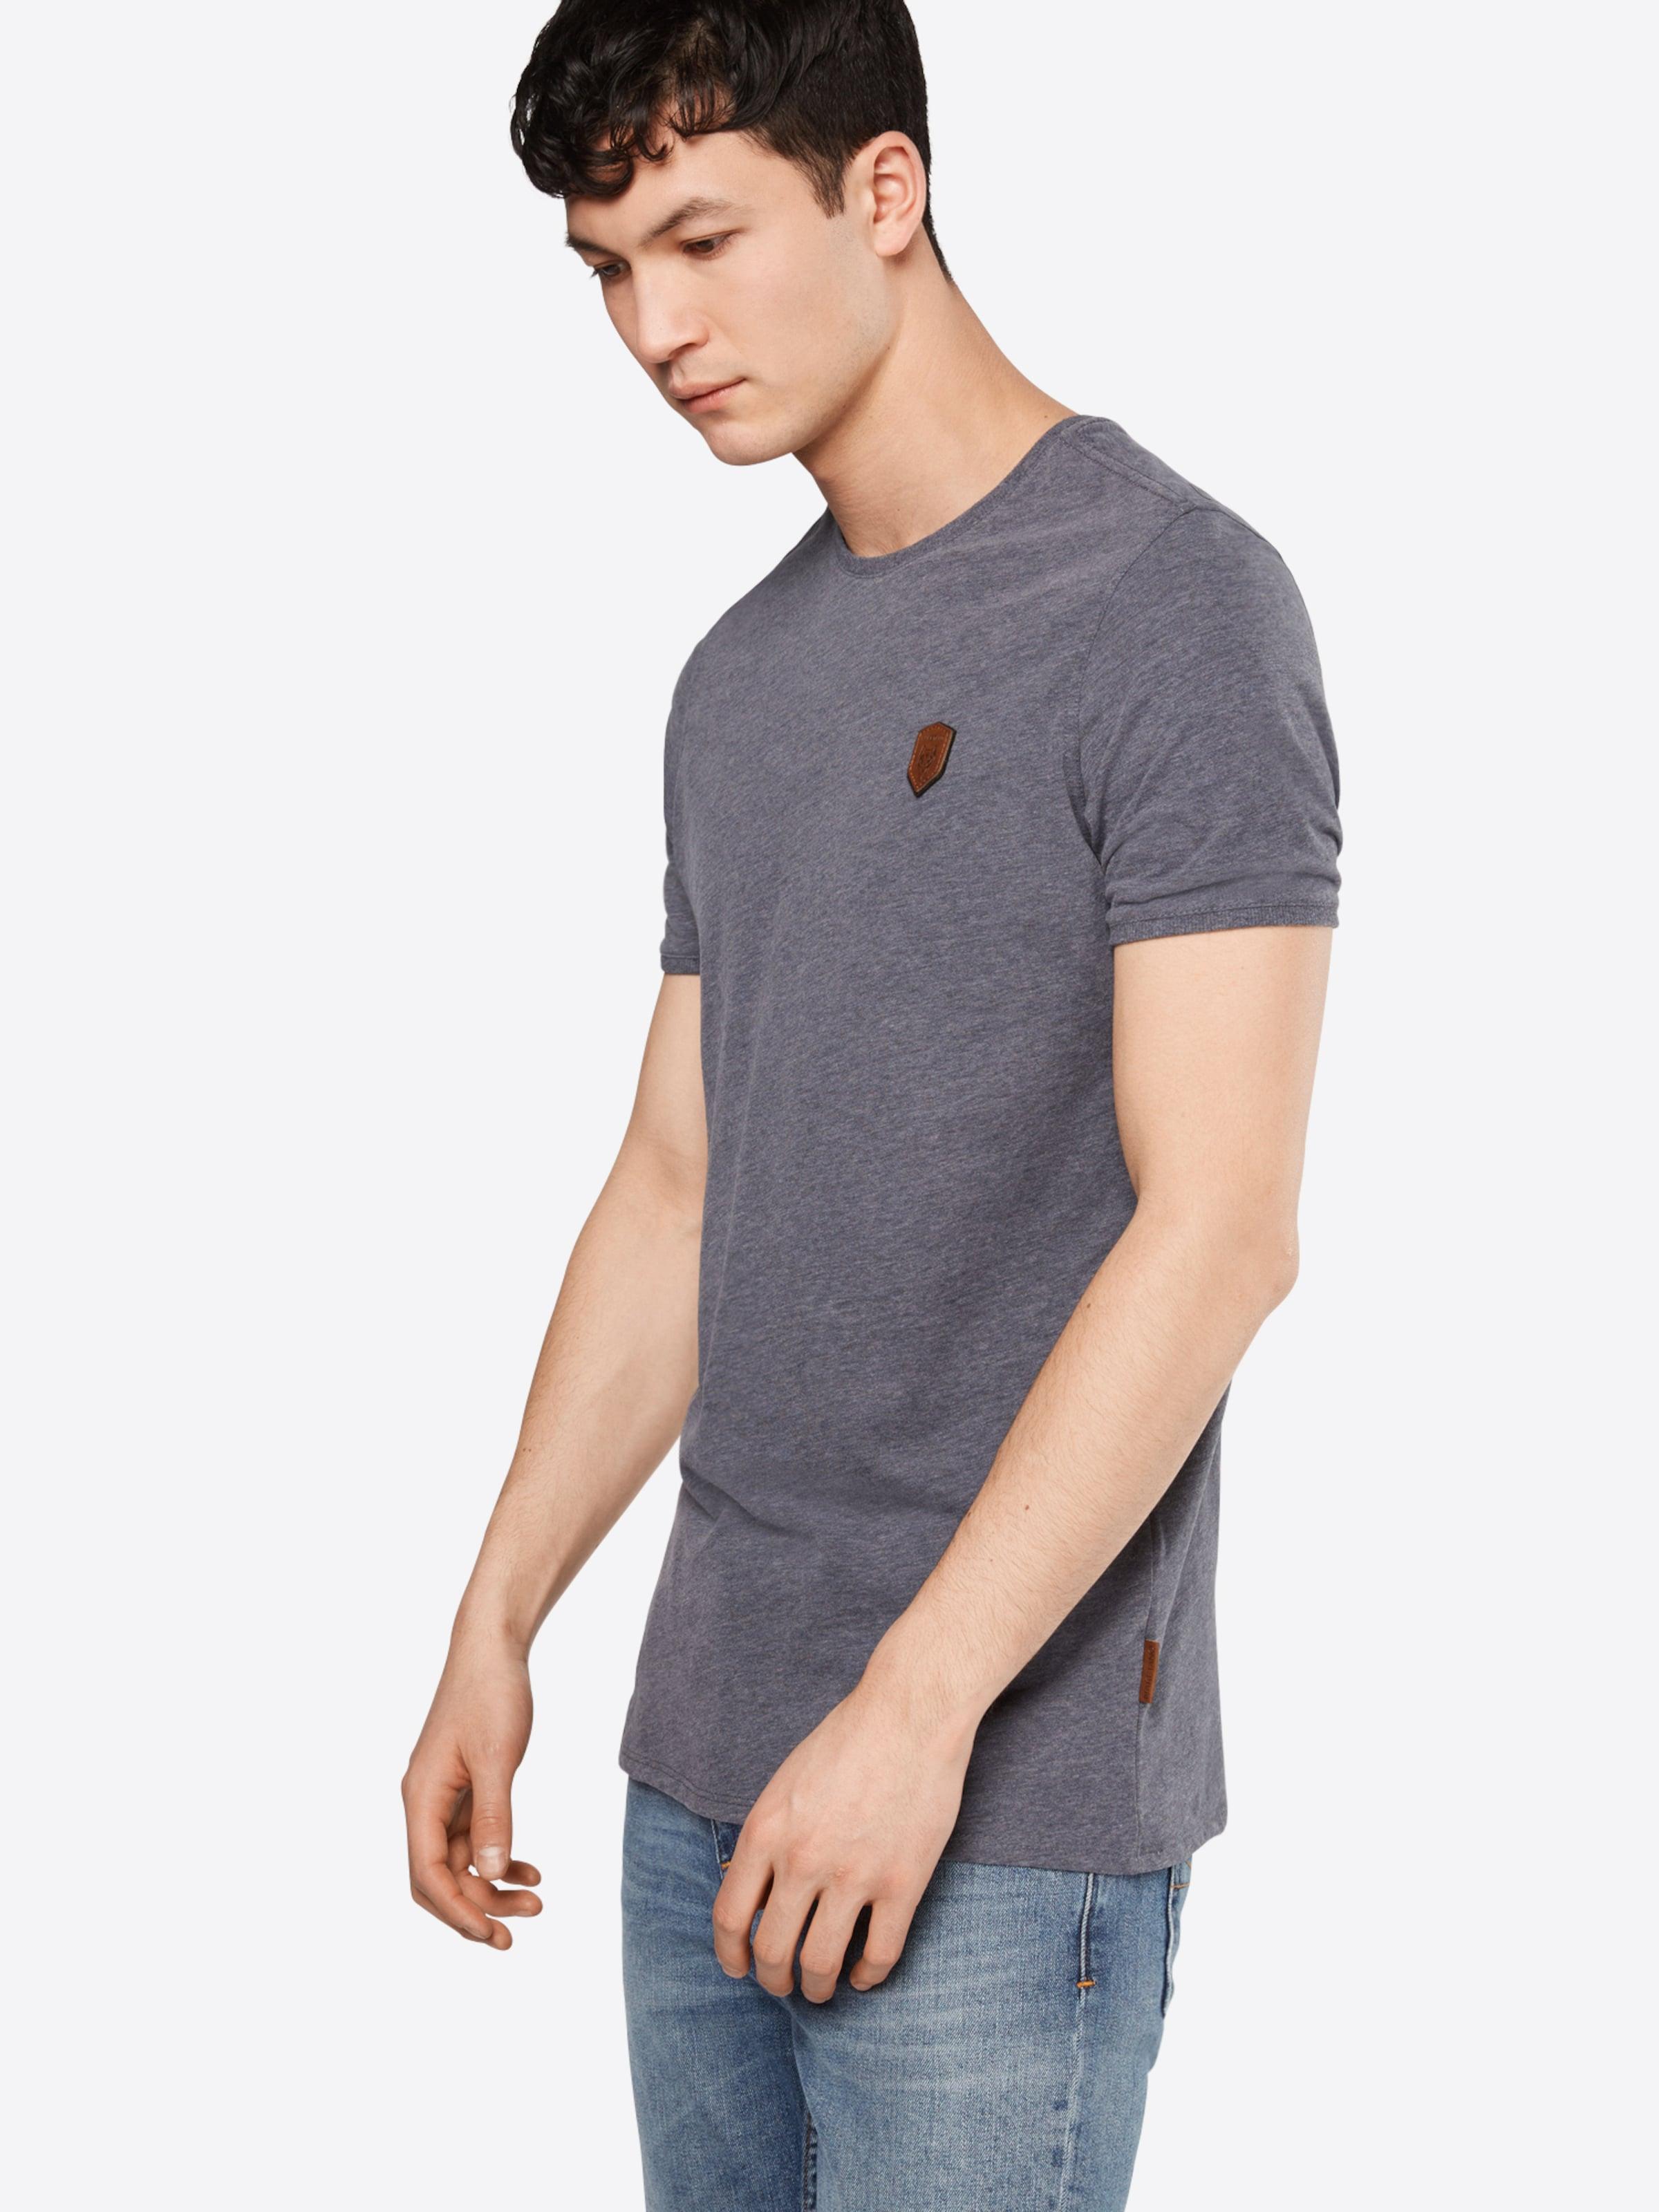 Freies Verschiffen Footaction Verkauf Großer Verkauf naketano T-Shirt 'Italienischer Hengst' Günstige Rabatte Bester Ort Zum Verkauf Limit Rabatt GZq5QV7